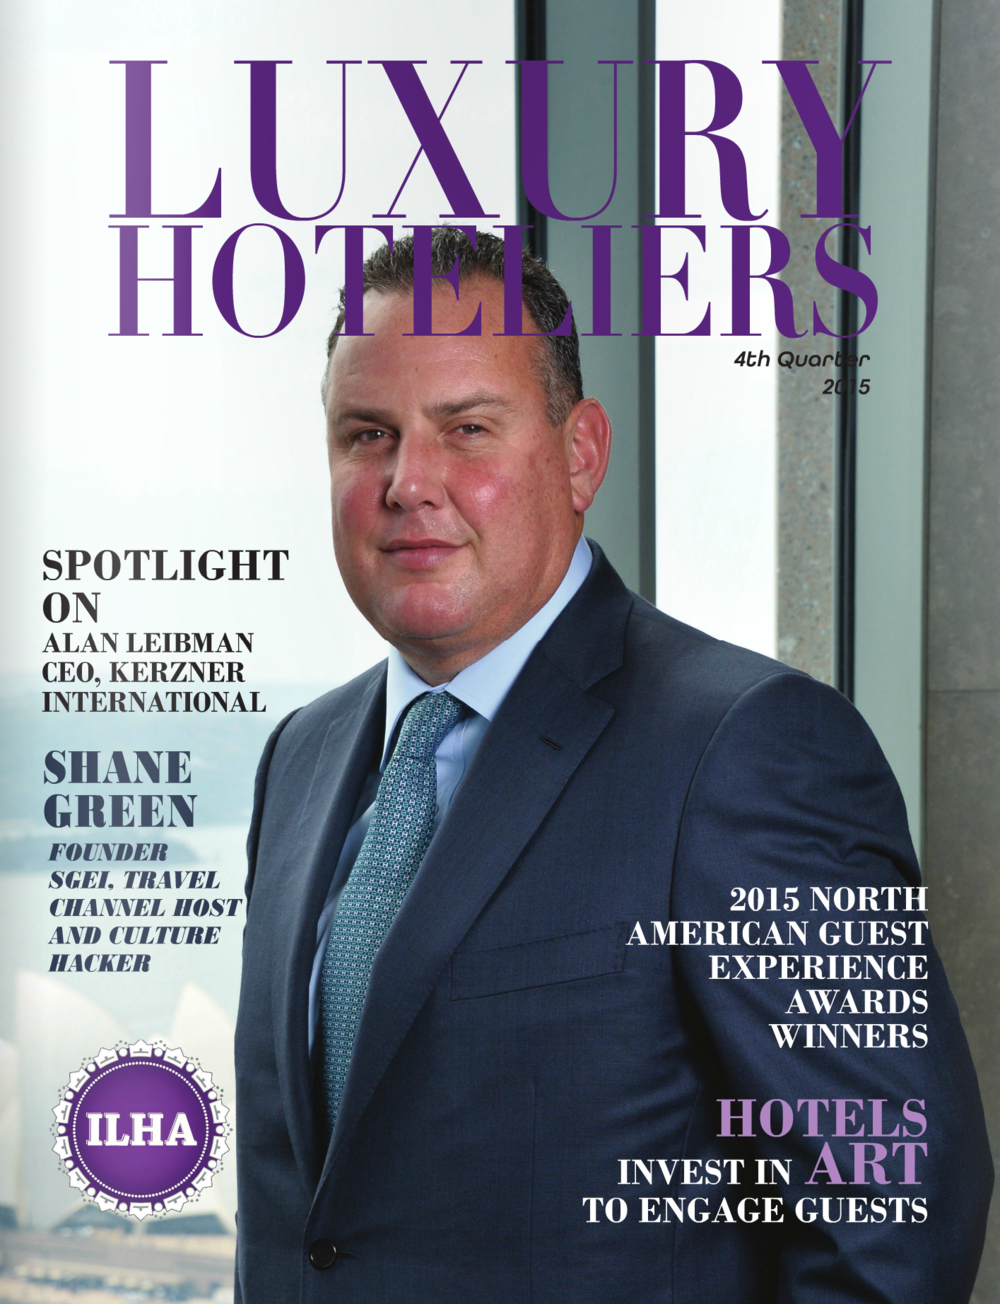 Spotlight on Alan Leibman LUXURY HOTELIERS